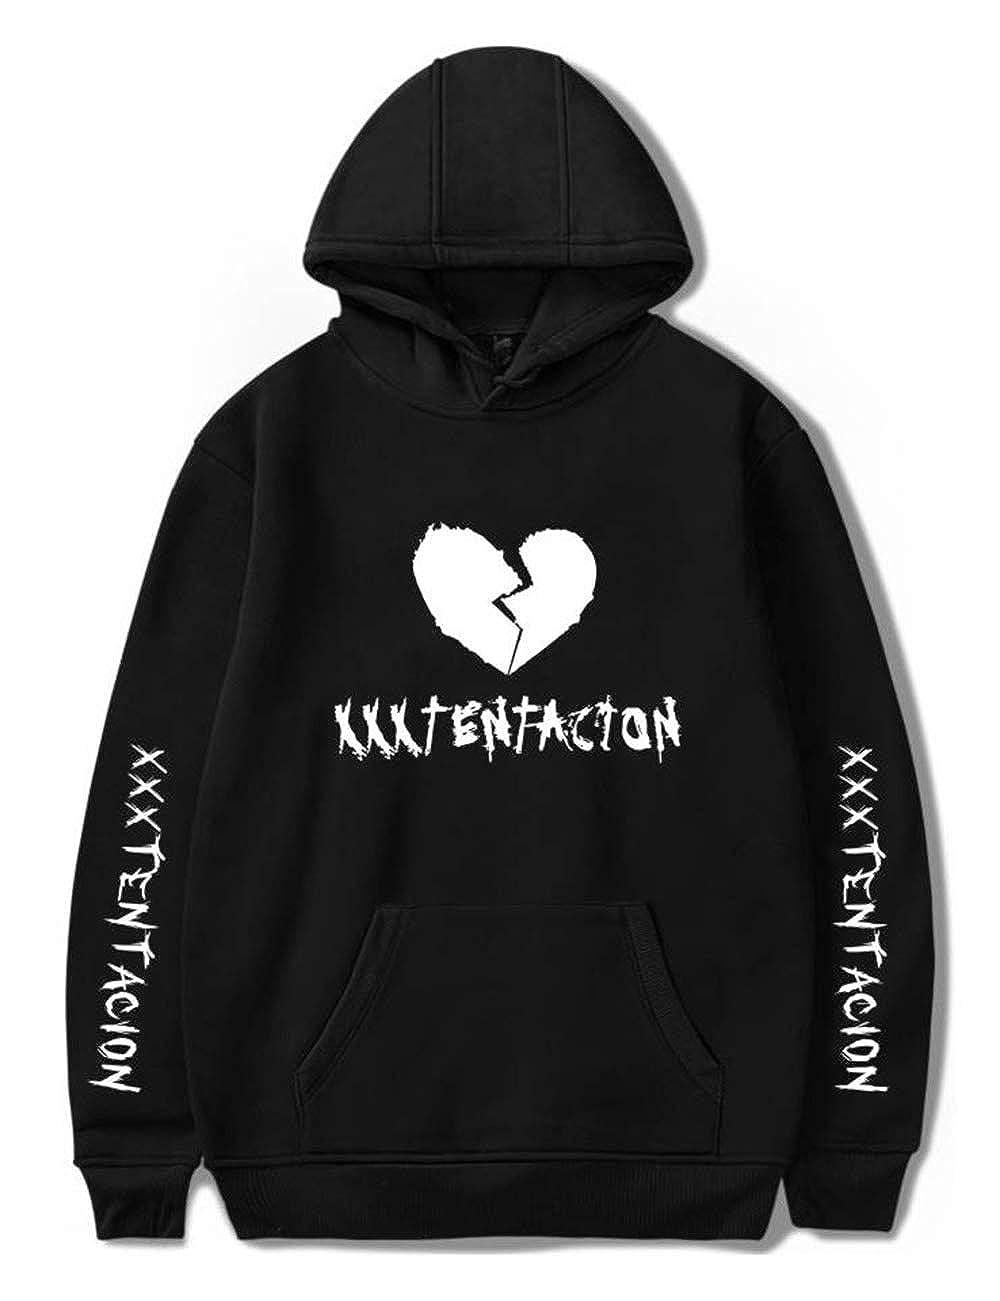 Unisex Revenge Hoodie Rap Cool Graphic Pullover Hooded Sweatshirt Top